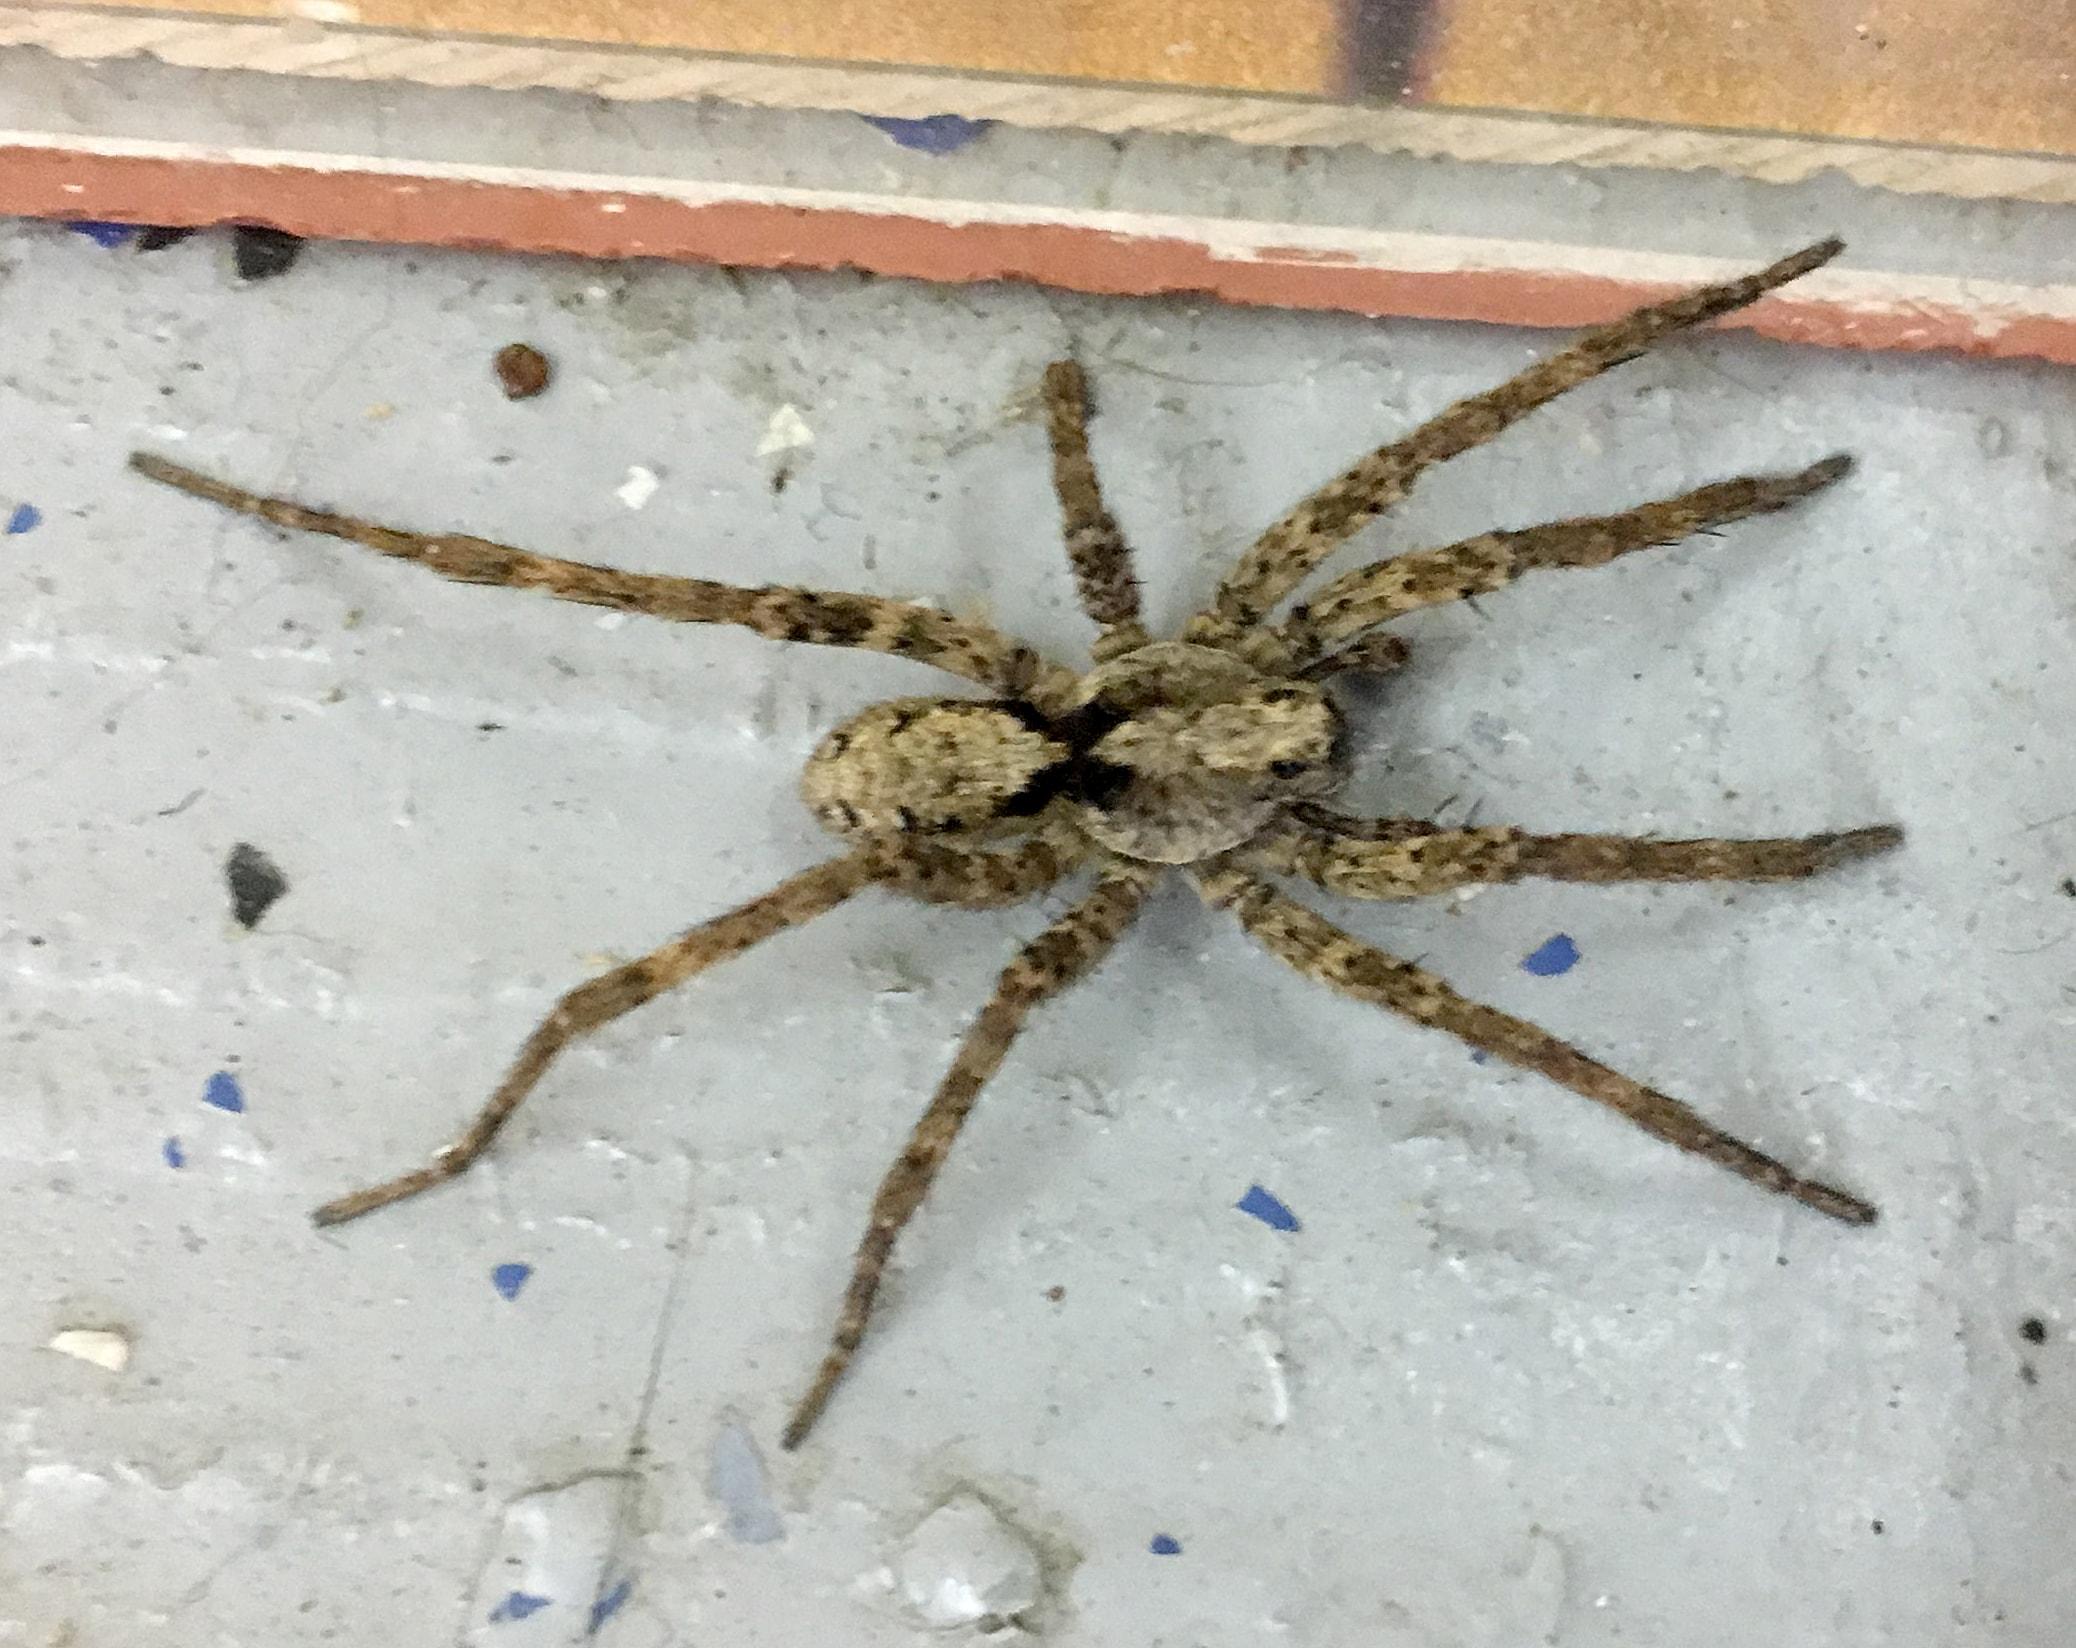 Picture of Gladicosa pulchra - Male - Dorsal